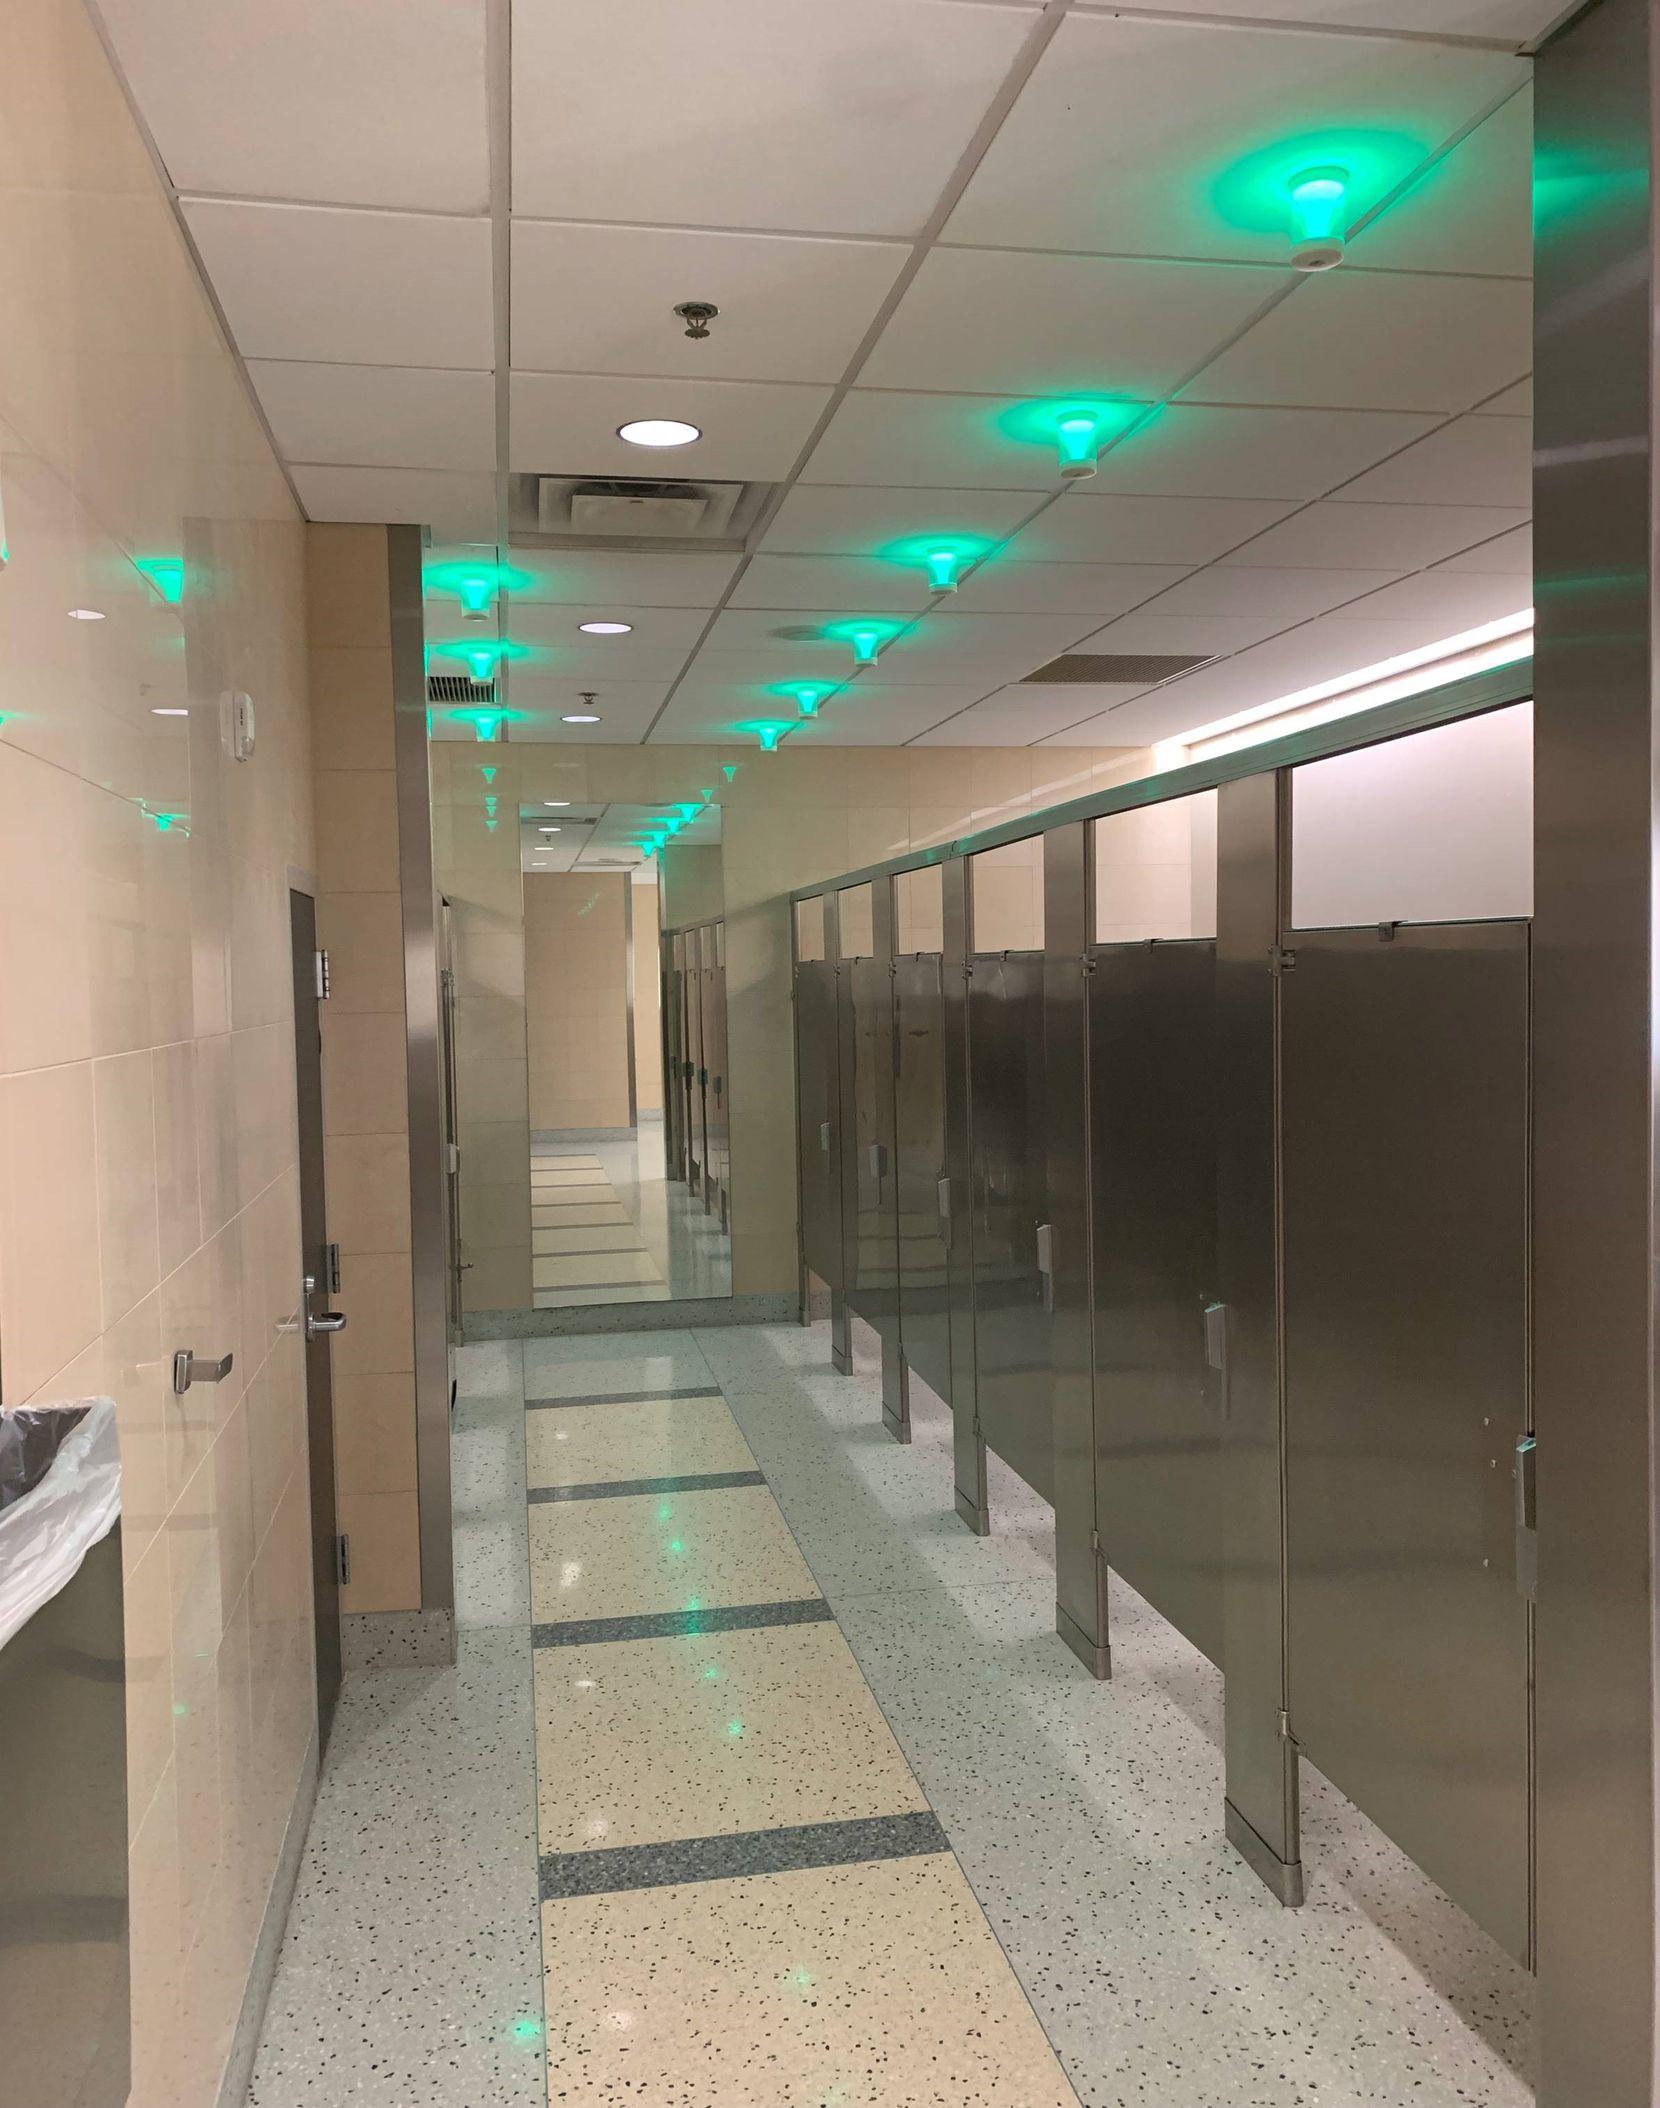 Sensores en los baños del Aeropuerto DFW indican cuáles están ocupados.